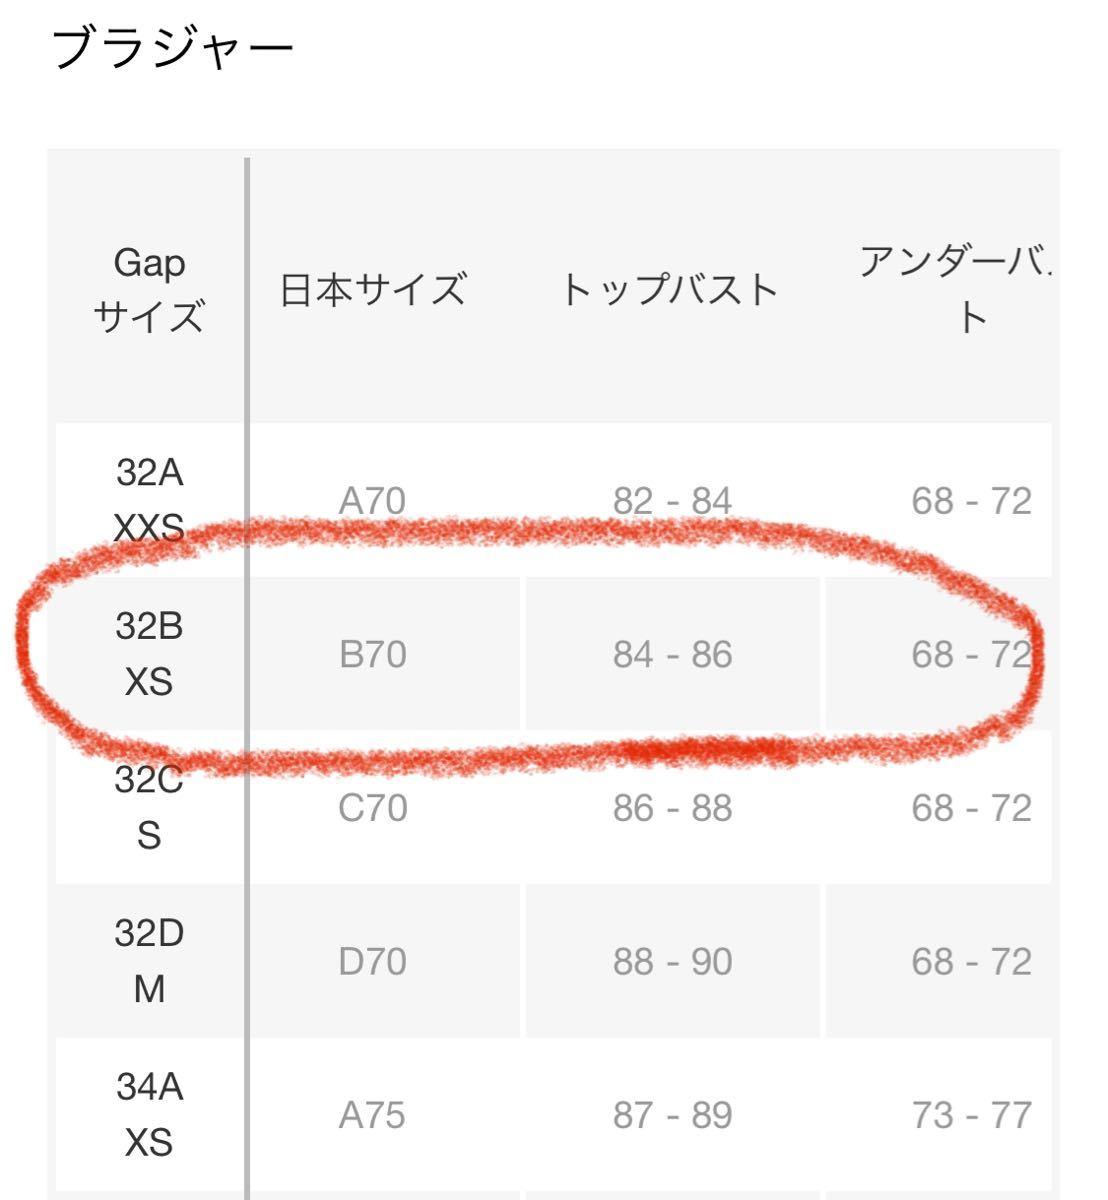 GapFit スポーツブラ XS ヨガウエア